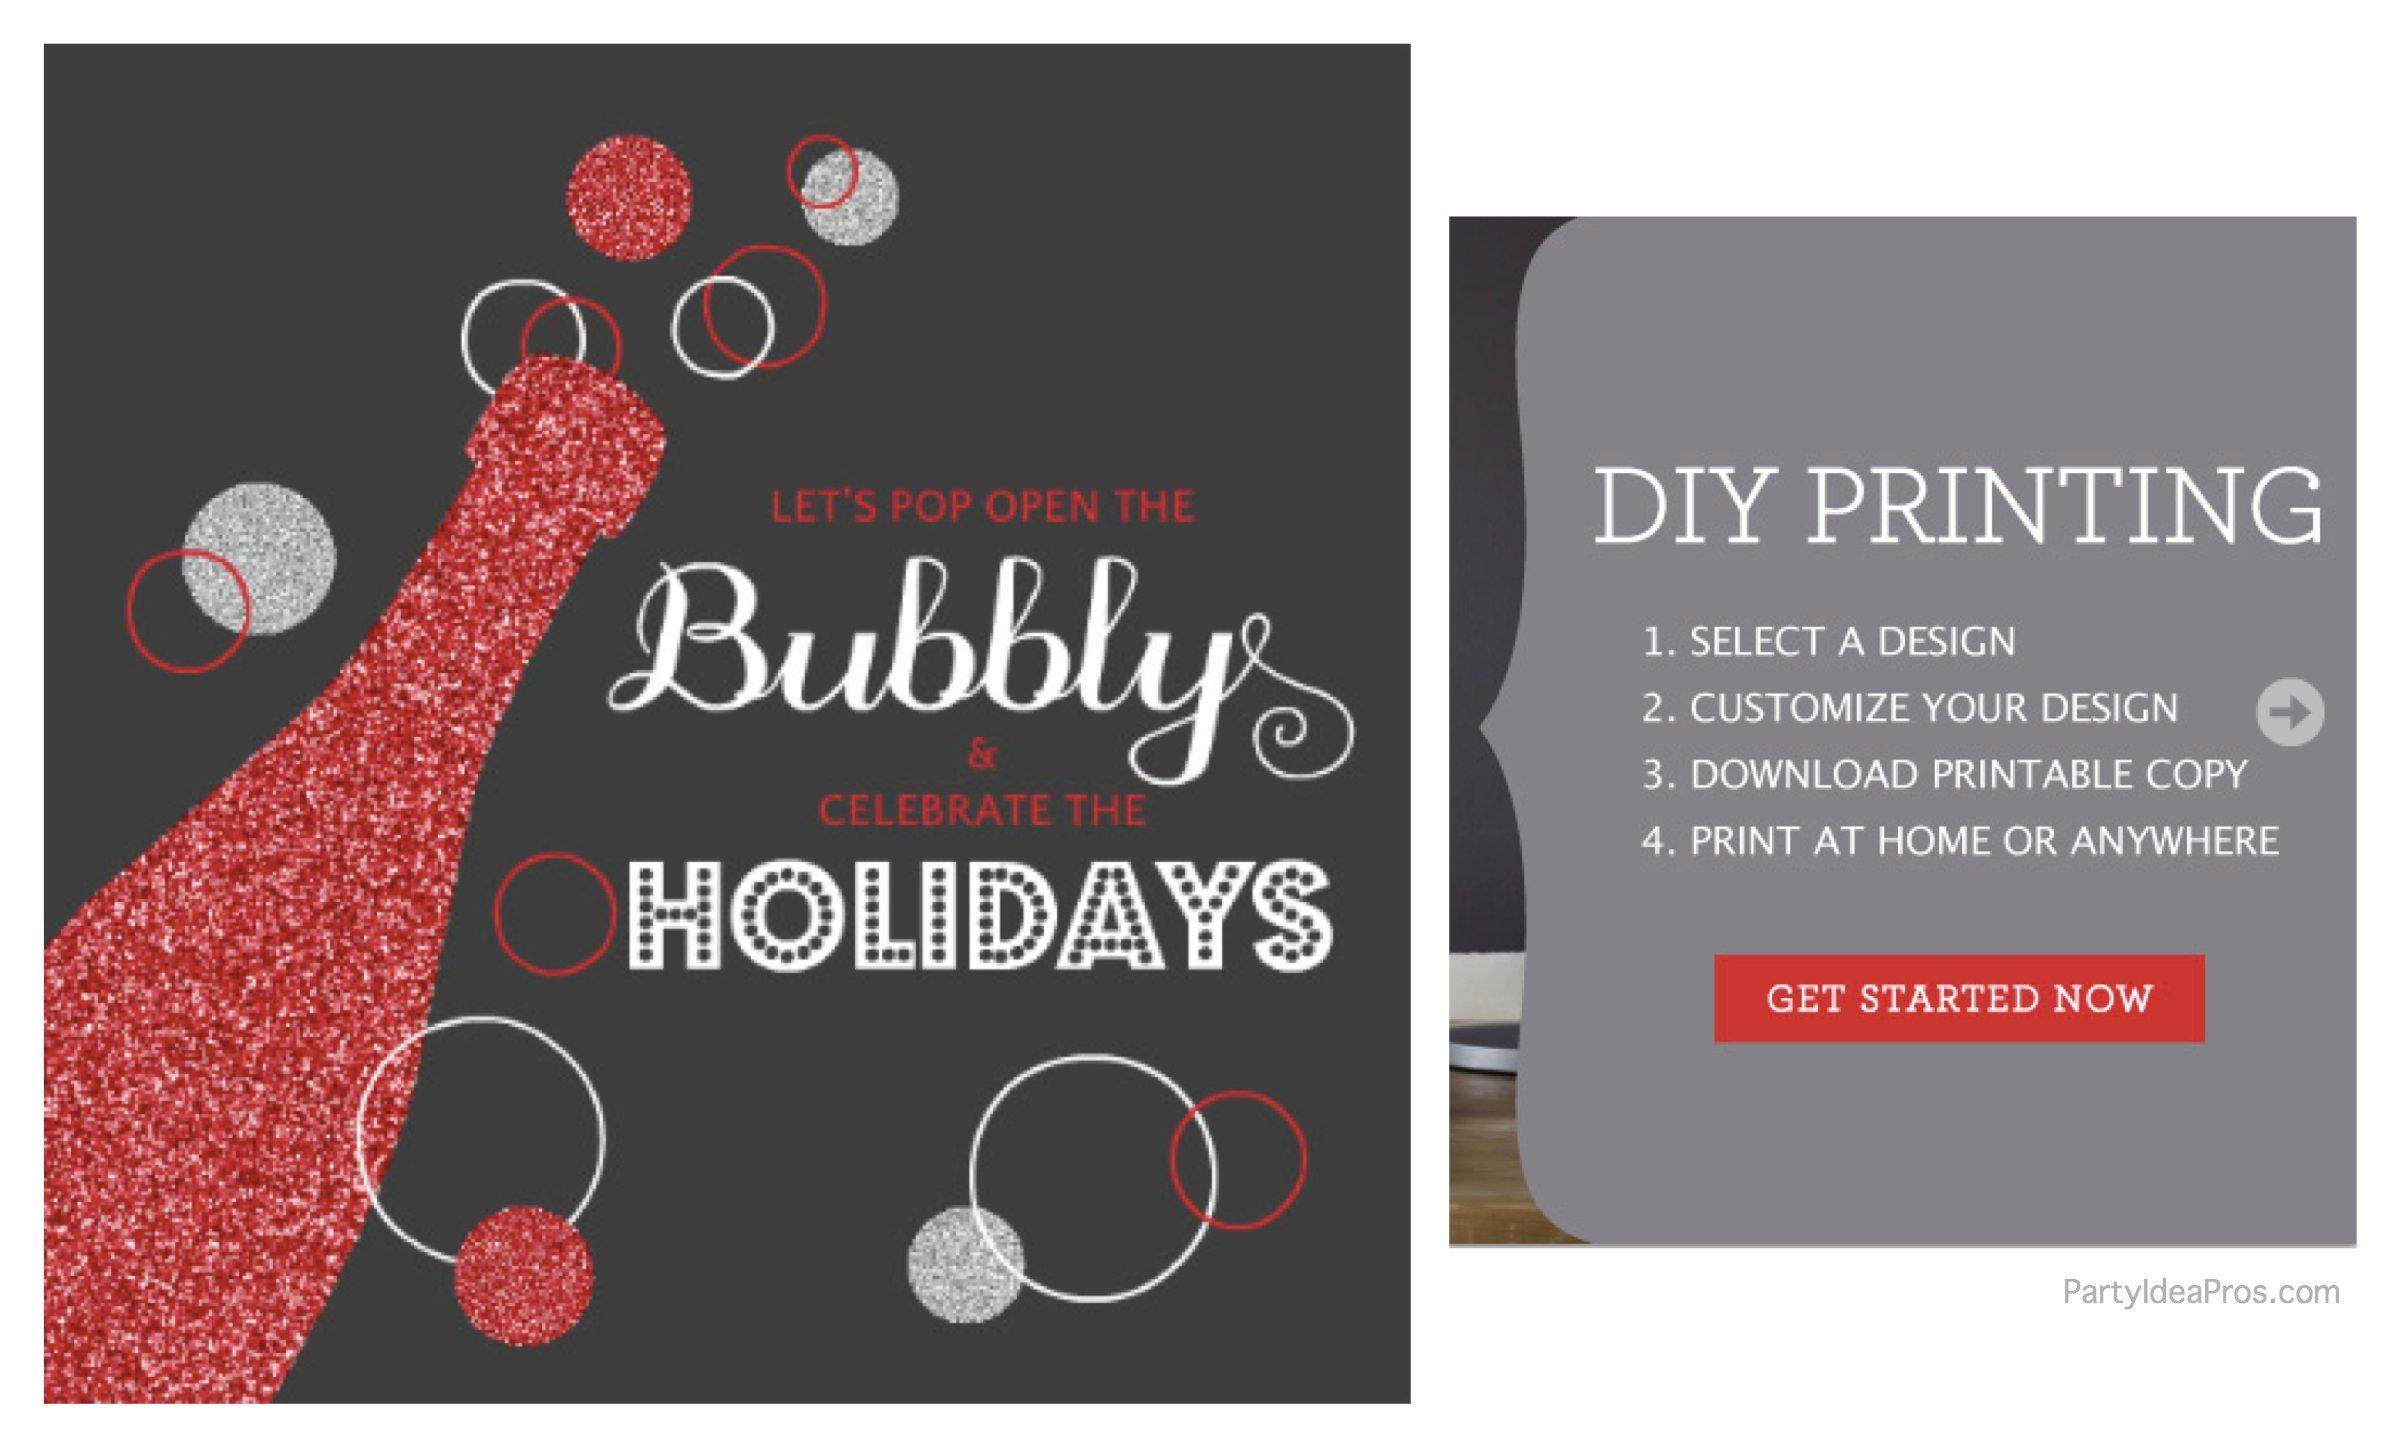 Holiday Party Invitation DIY Printing